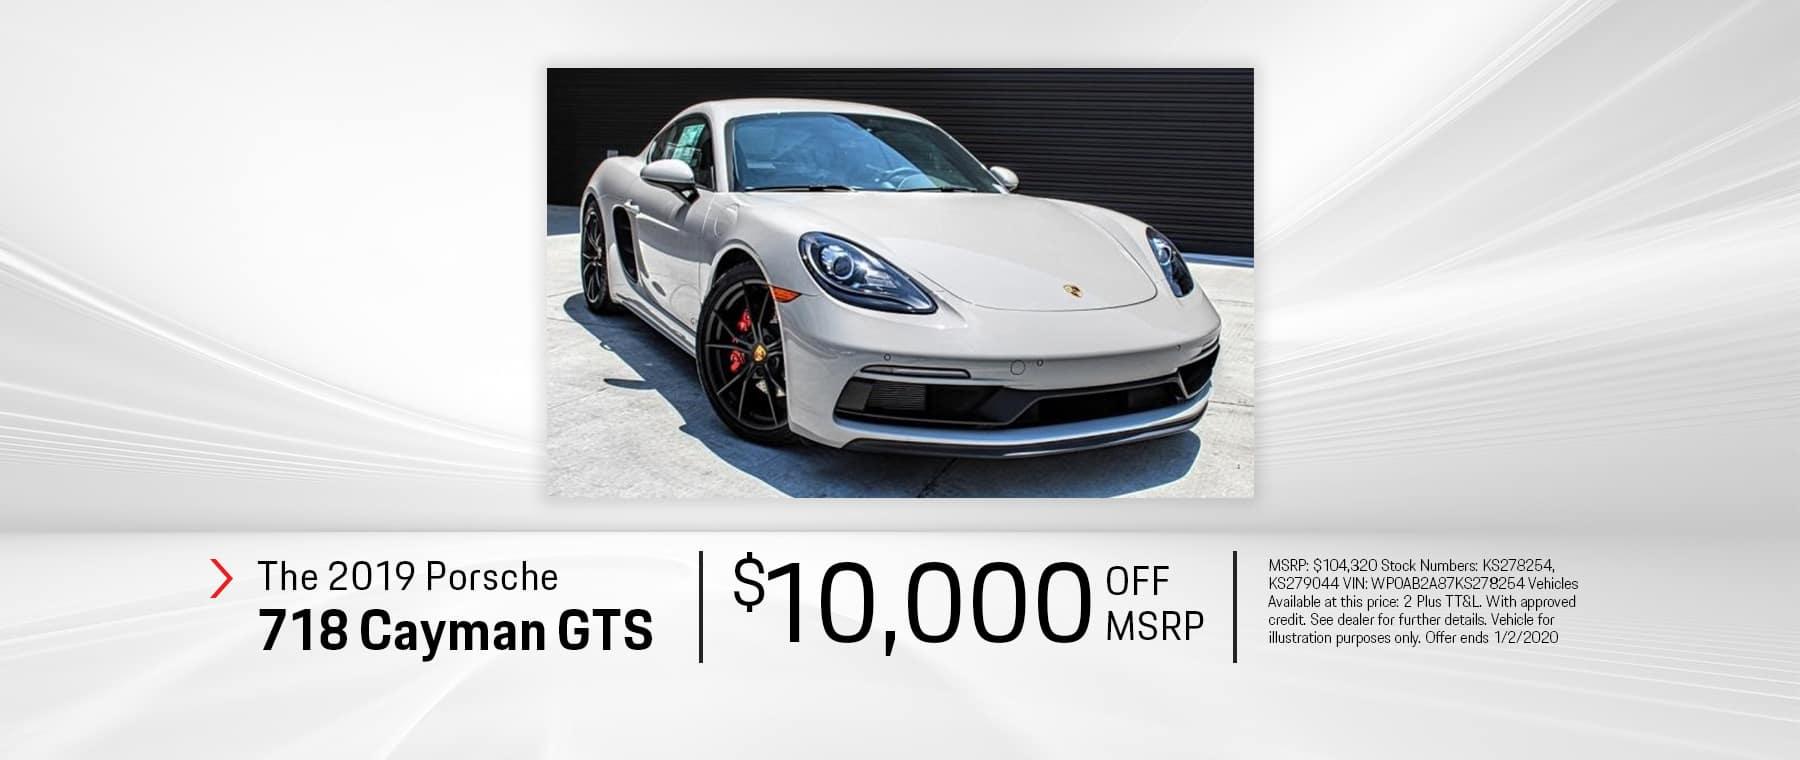 New 2019 Cayman GTS $10K OFF